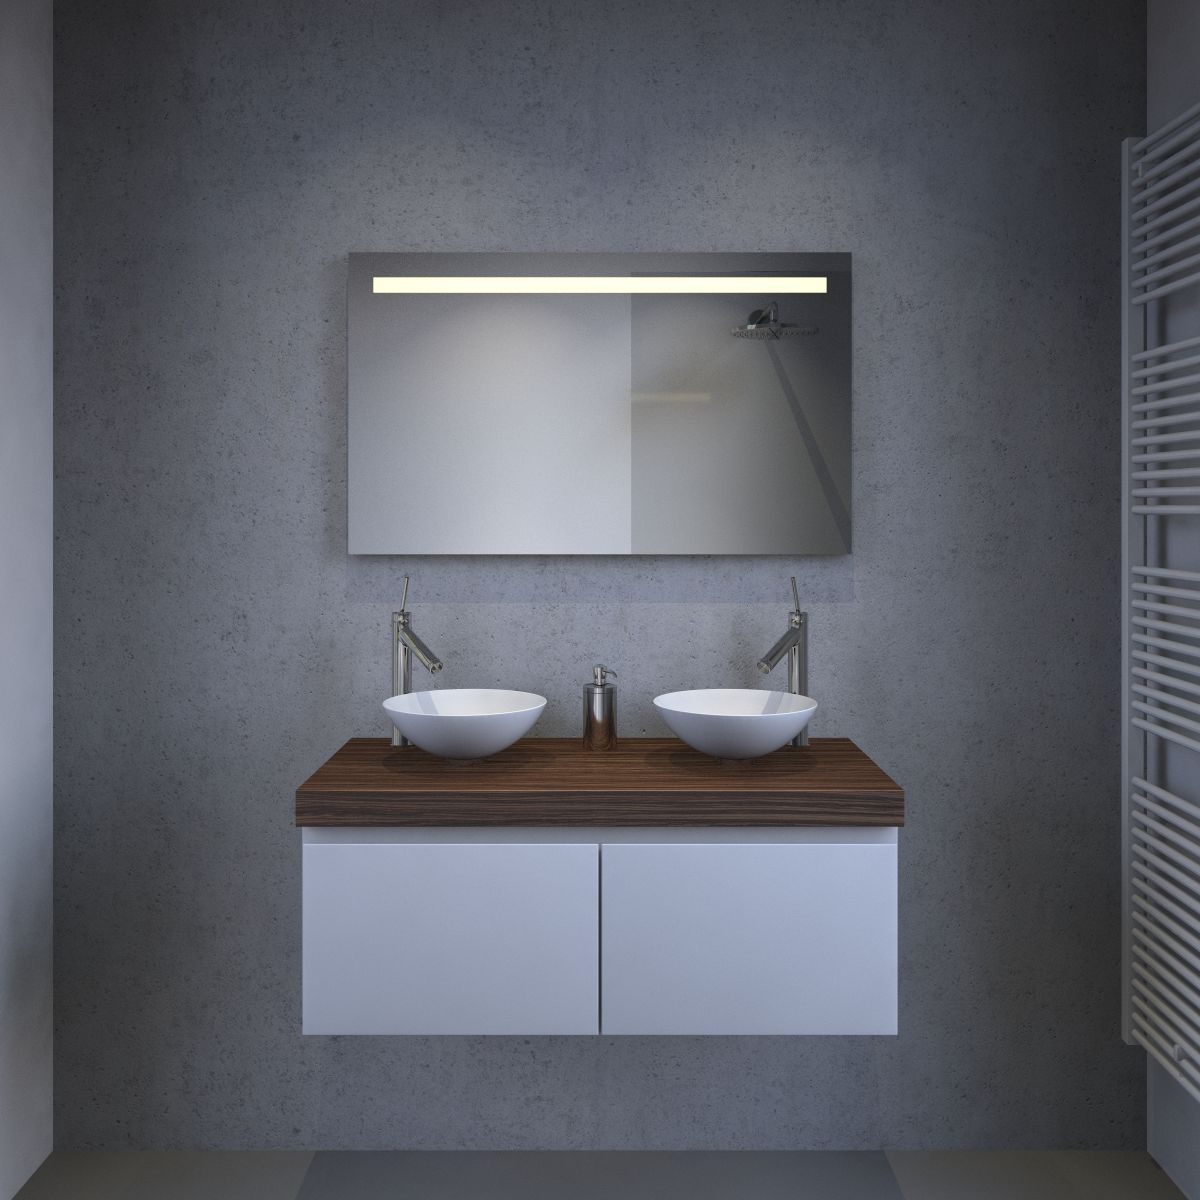 Badkamerspiegel met stopcontact verwarming en verlichting for Spiegel badkamer verlichting